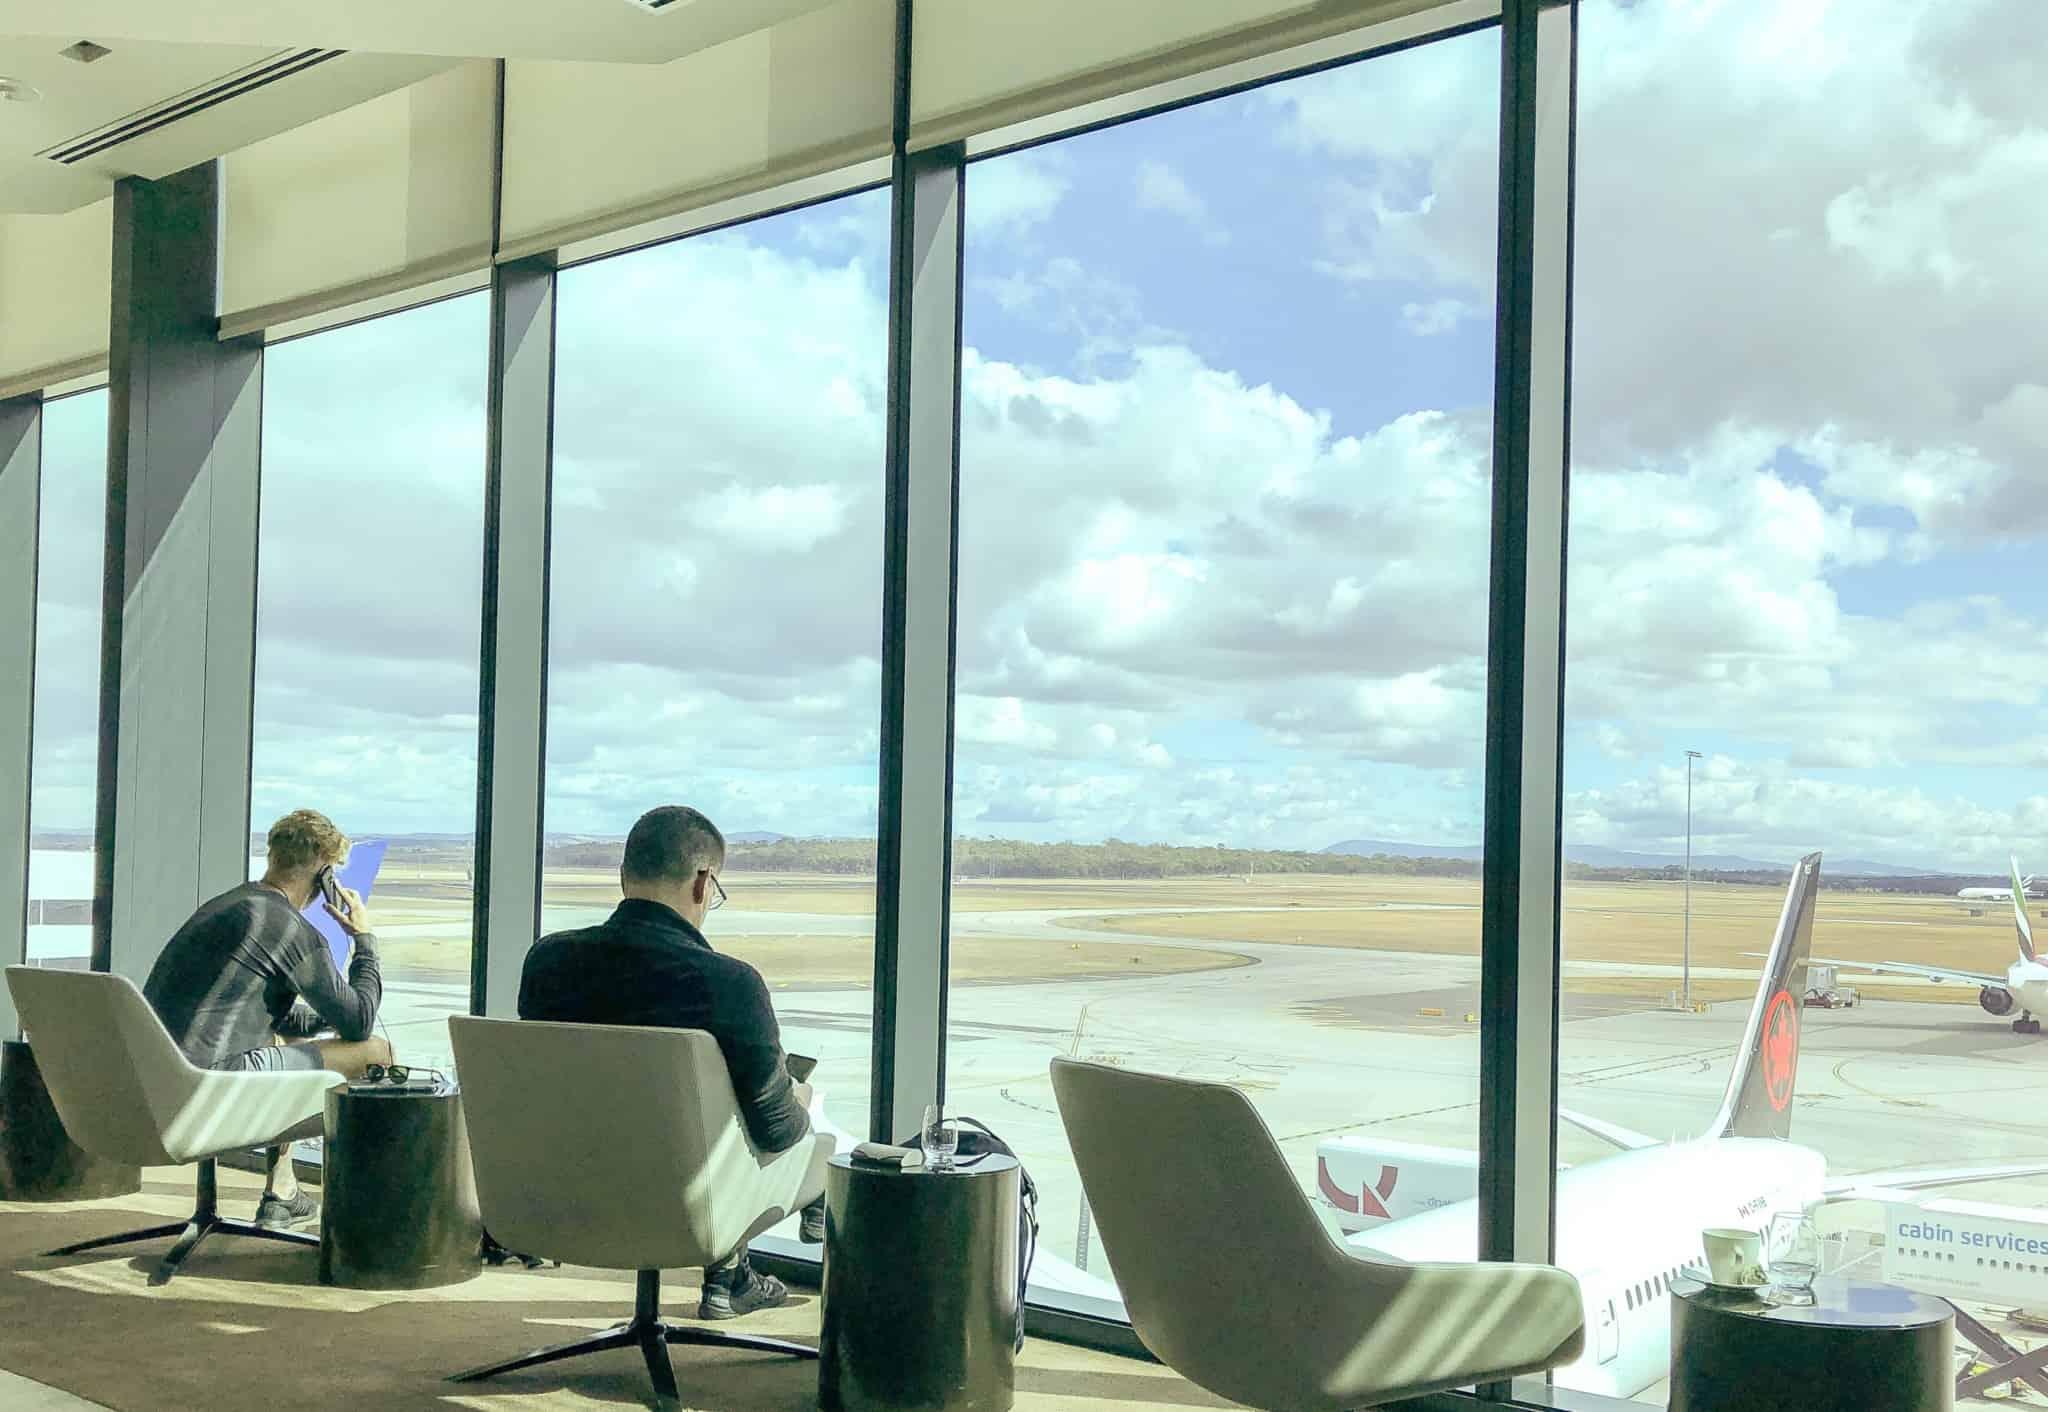 lounge de um aeroporto com dois homens